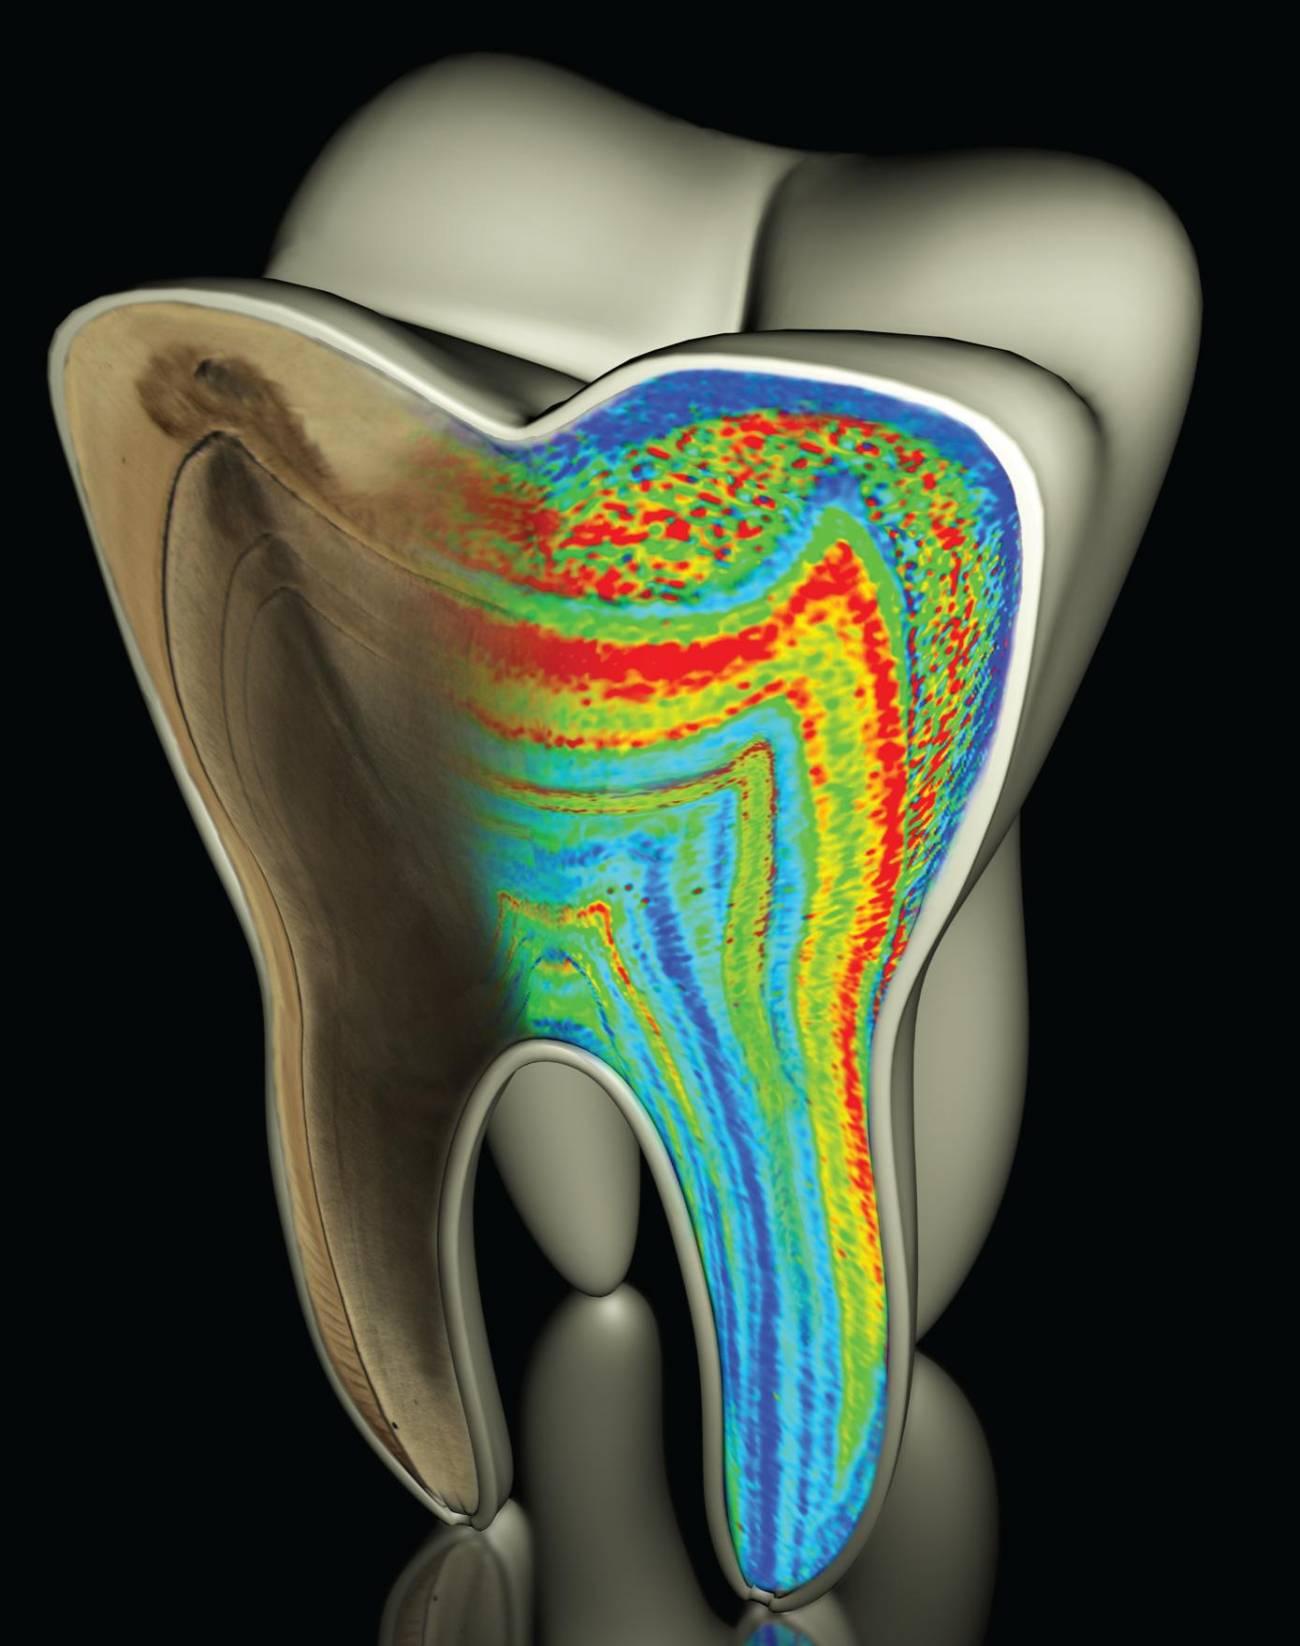 Los niveles de bario de los dientes ayudan a saber la edad de destete. / Austin et al. (Nature)